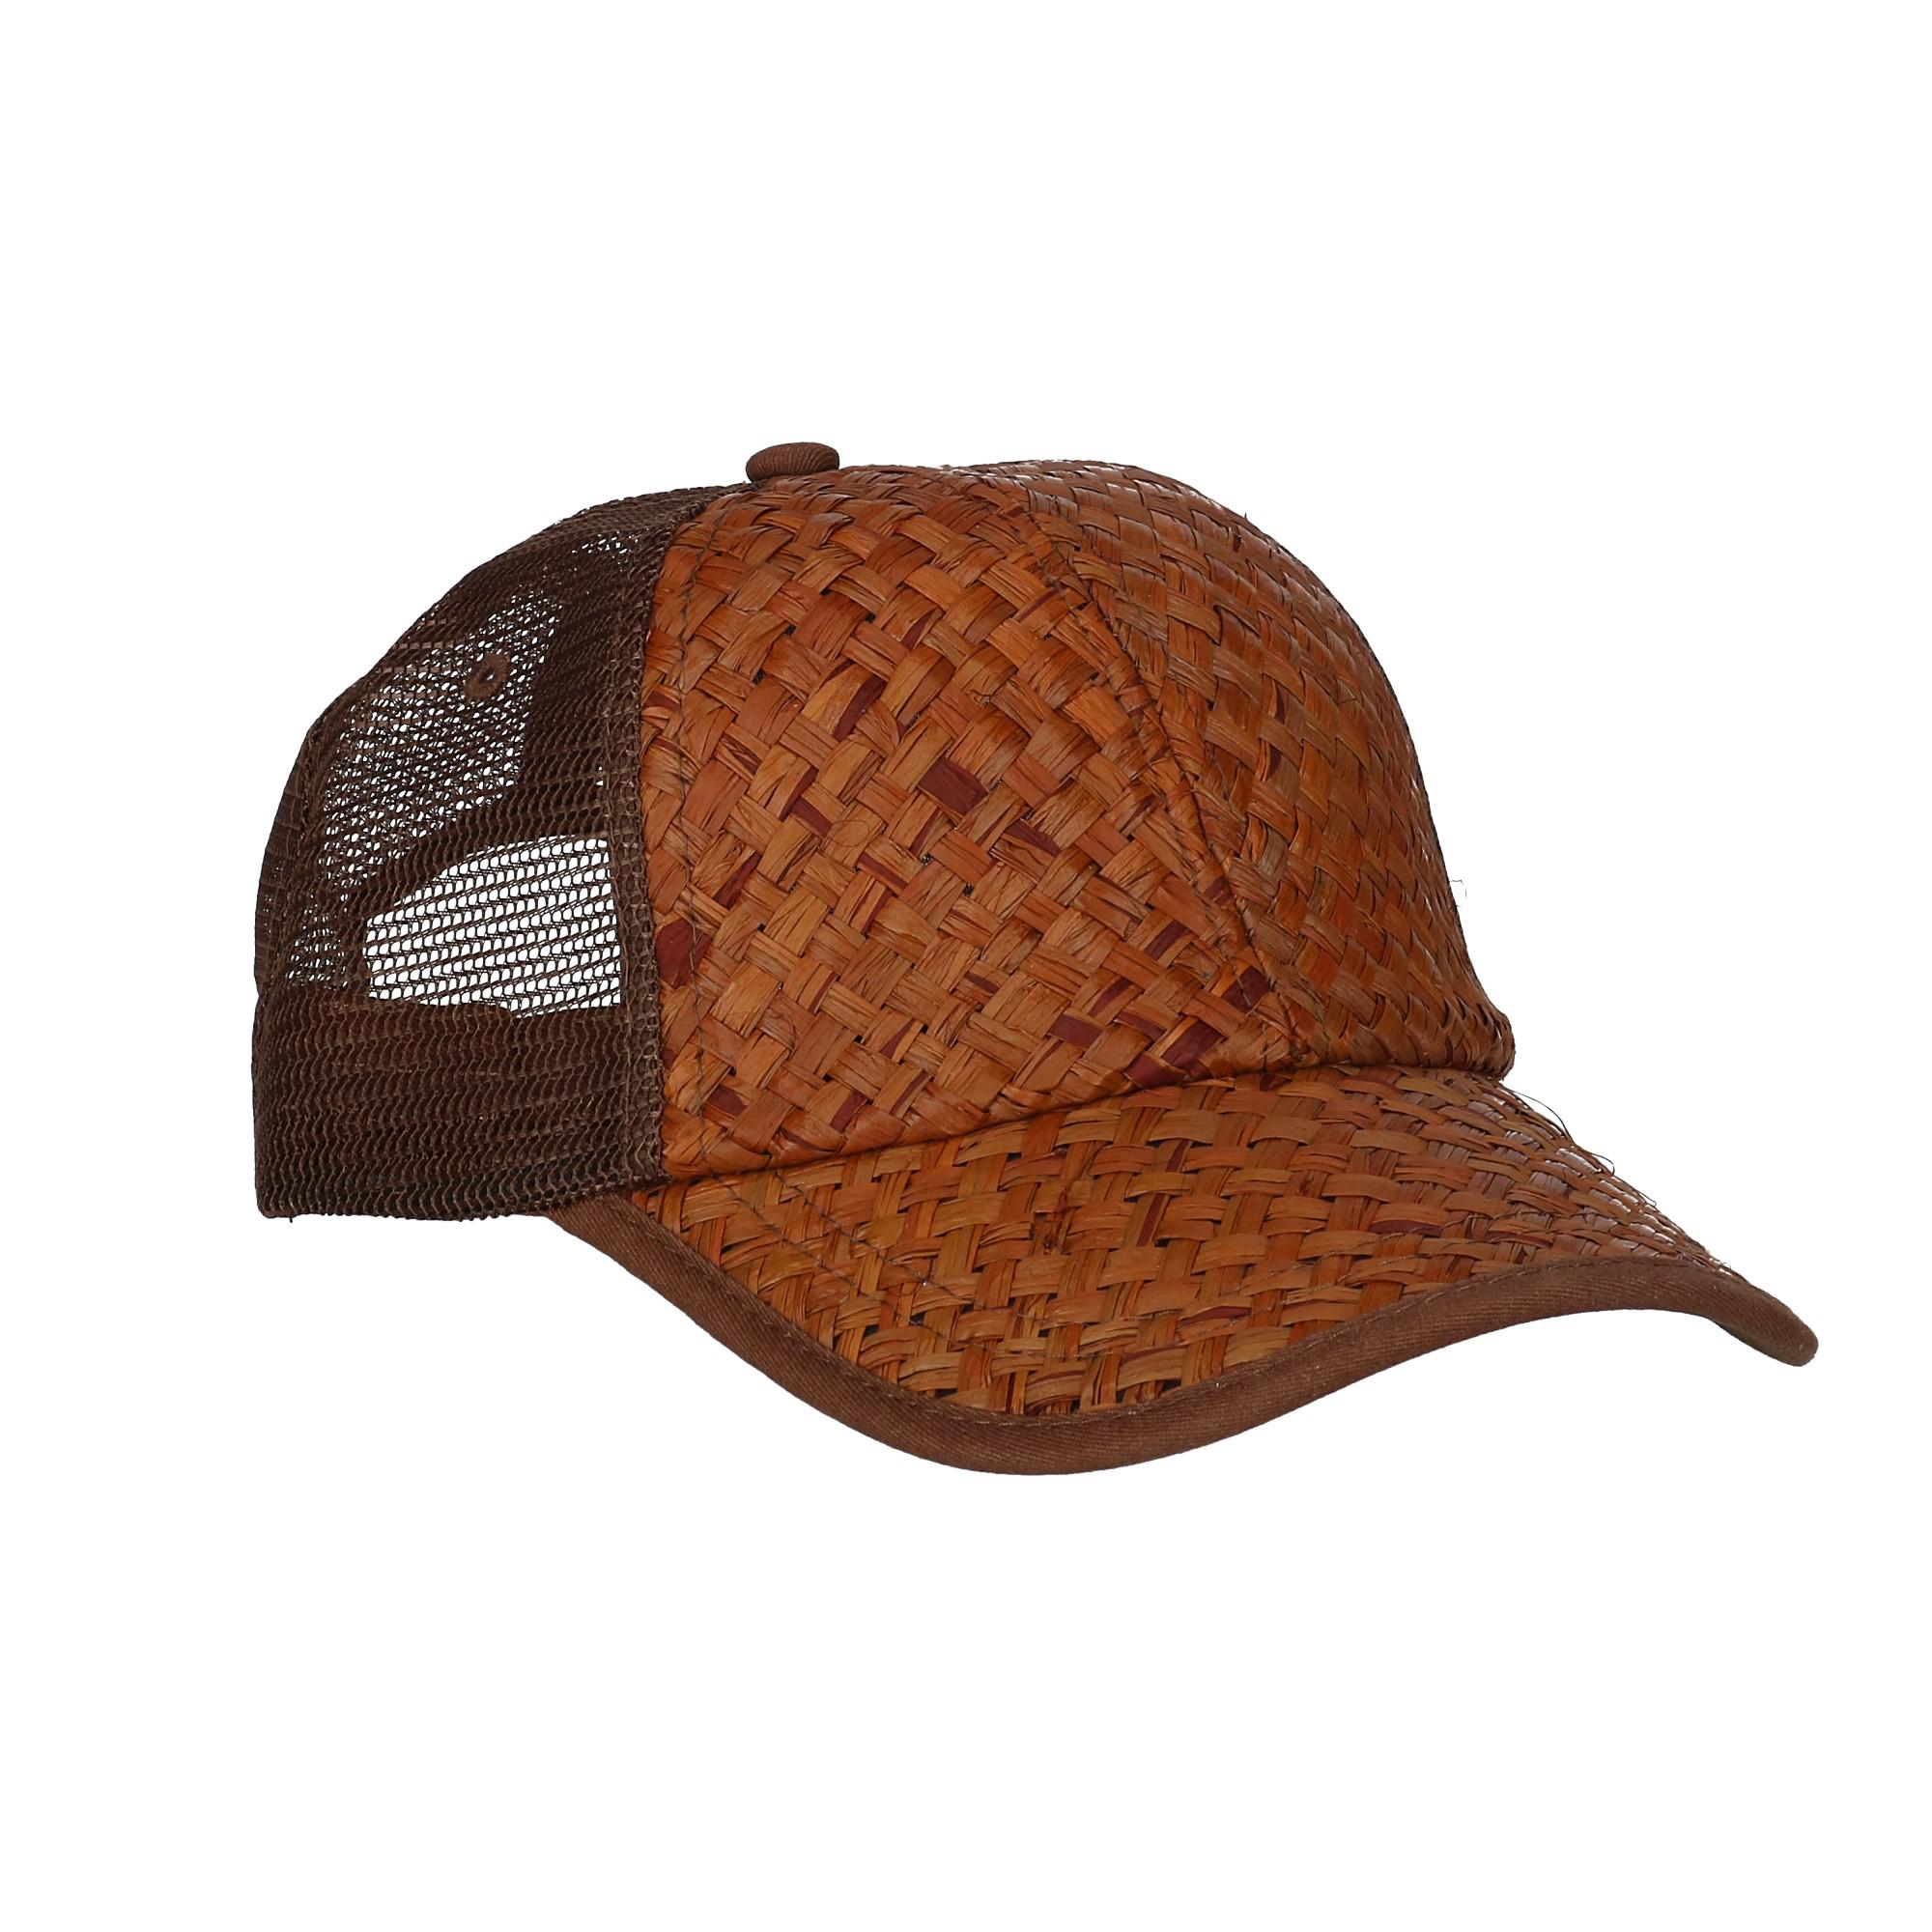 New DPC Outdoor Design Men s Structured Raffia Baseball Cap with ... a6dd755dd3e